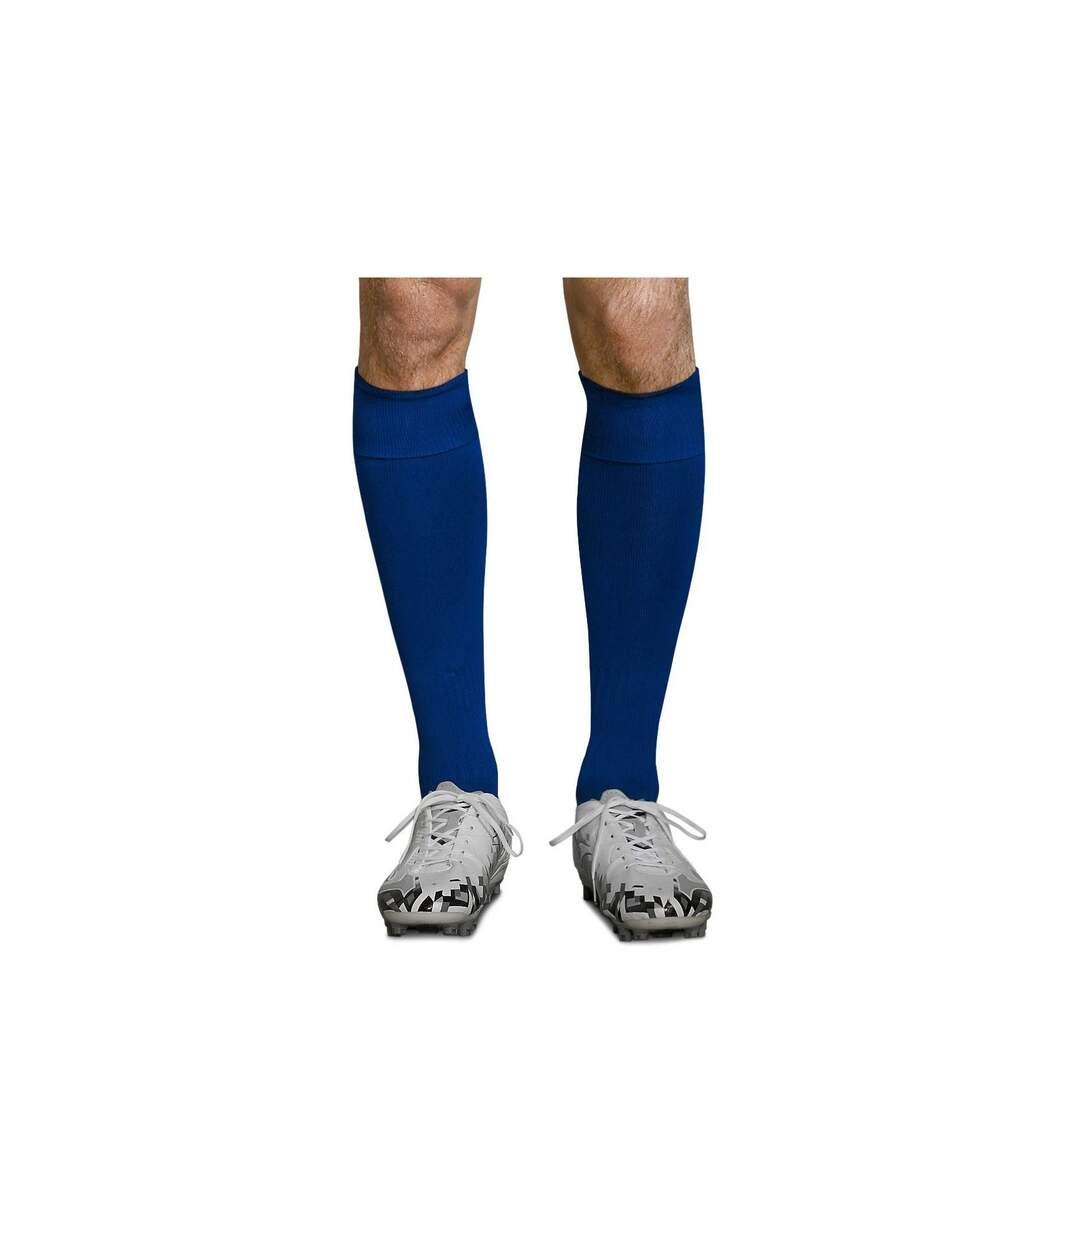 SOLS Mens Football / Soccer Socks (Royal Blue) - UTPC2000